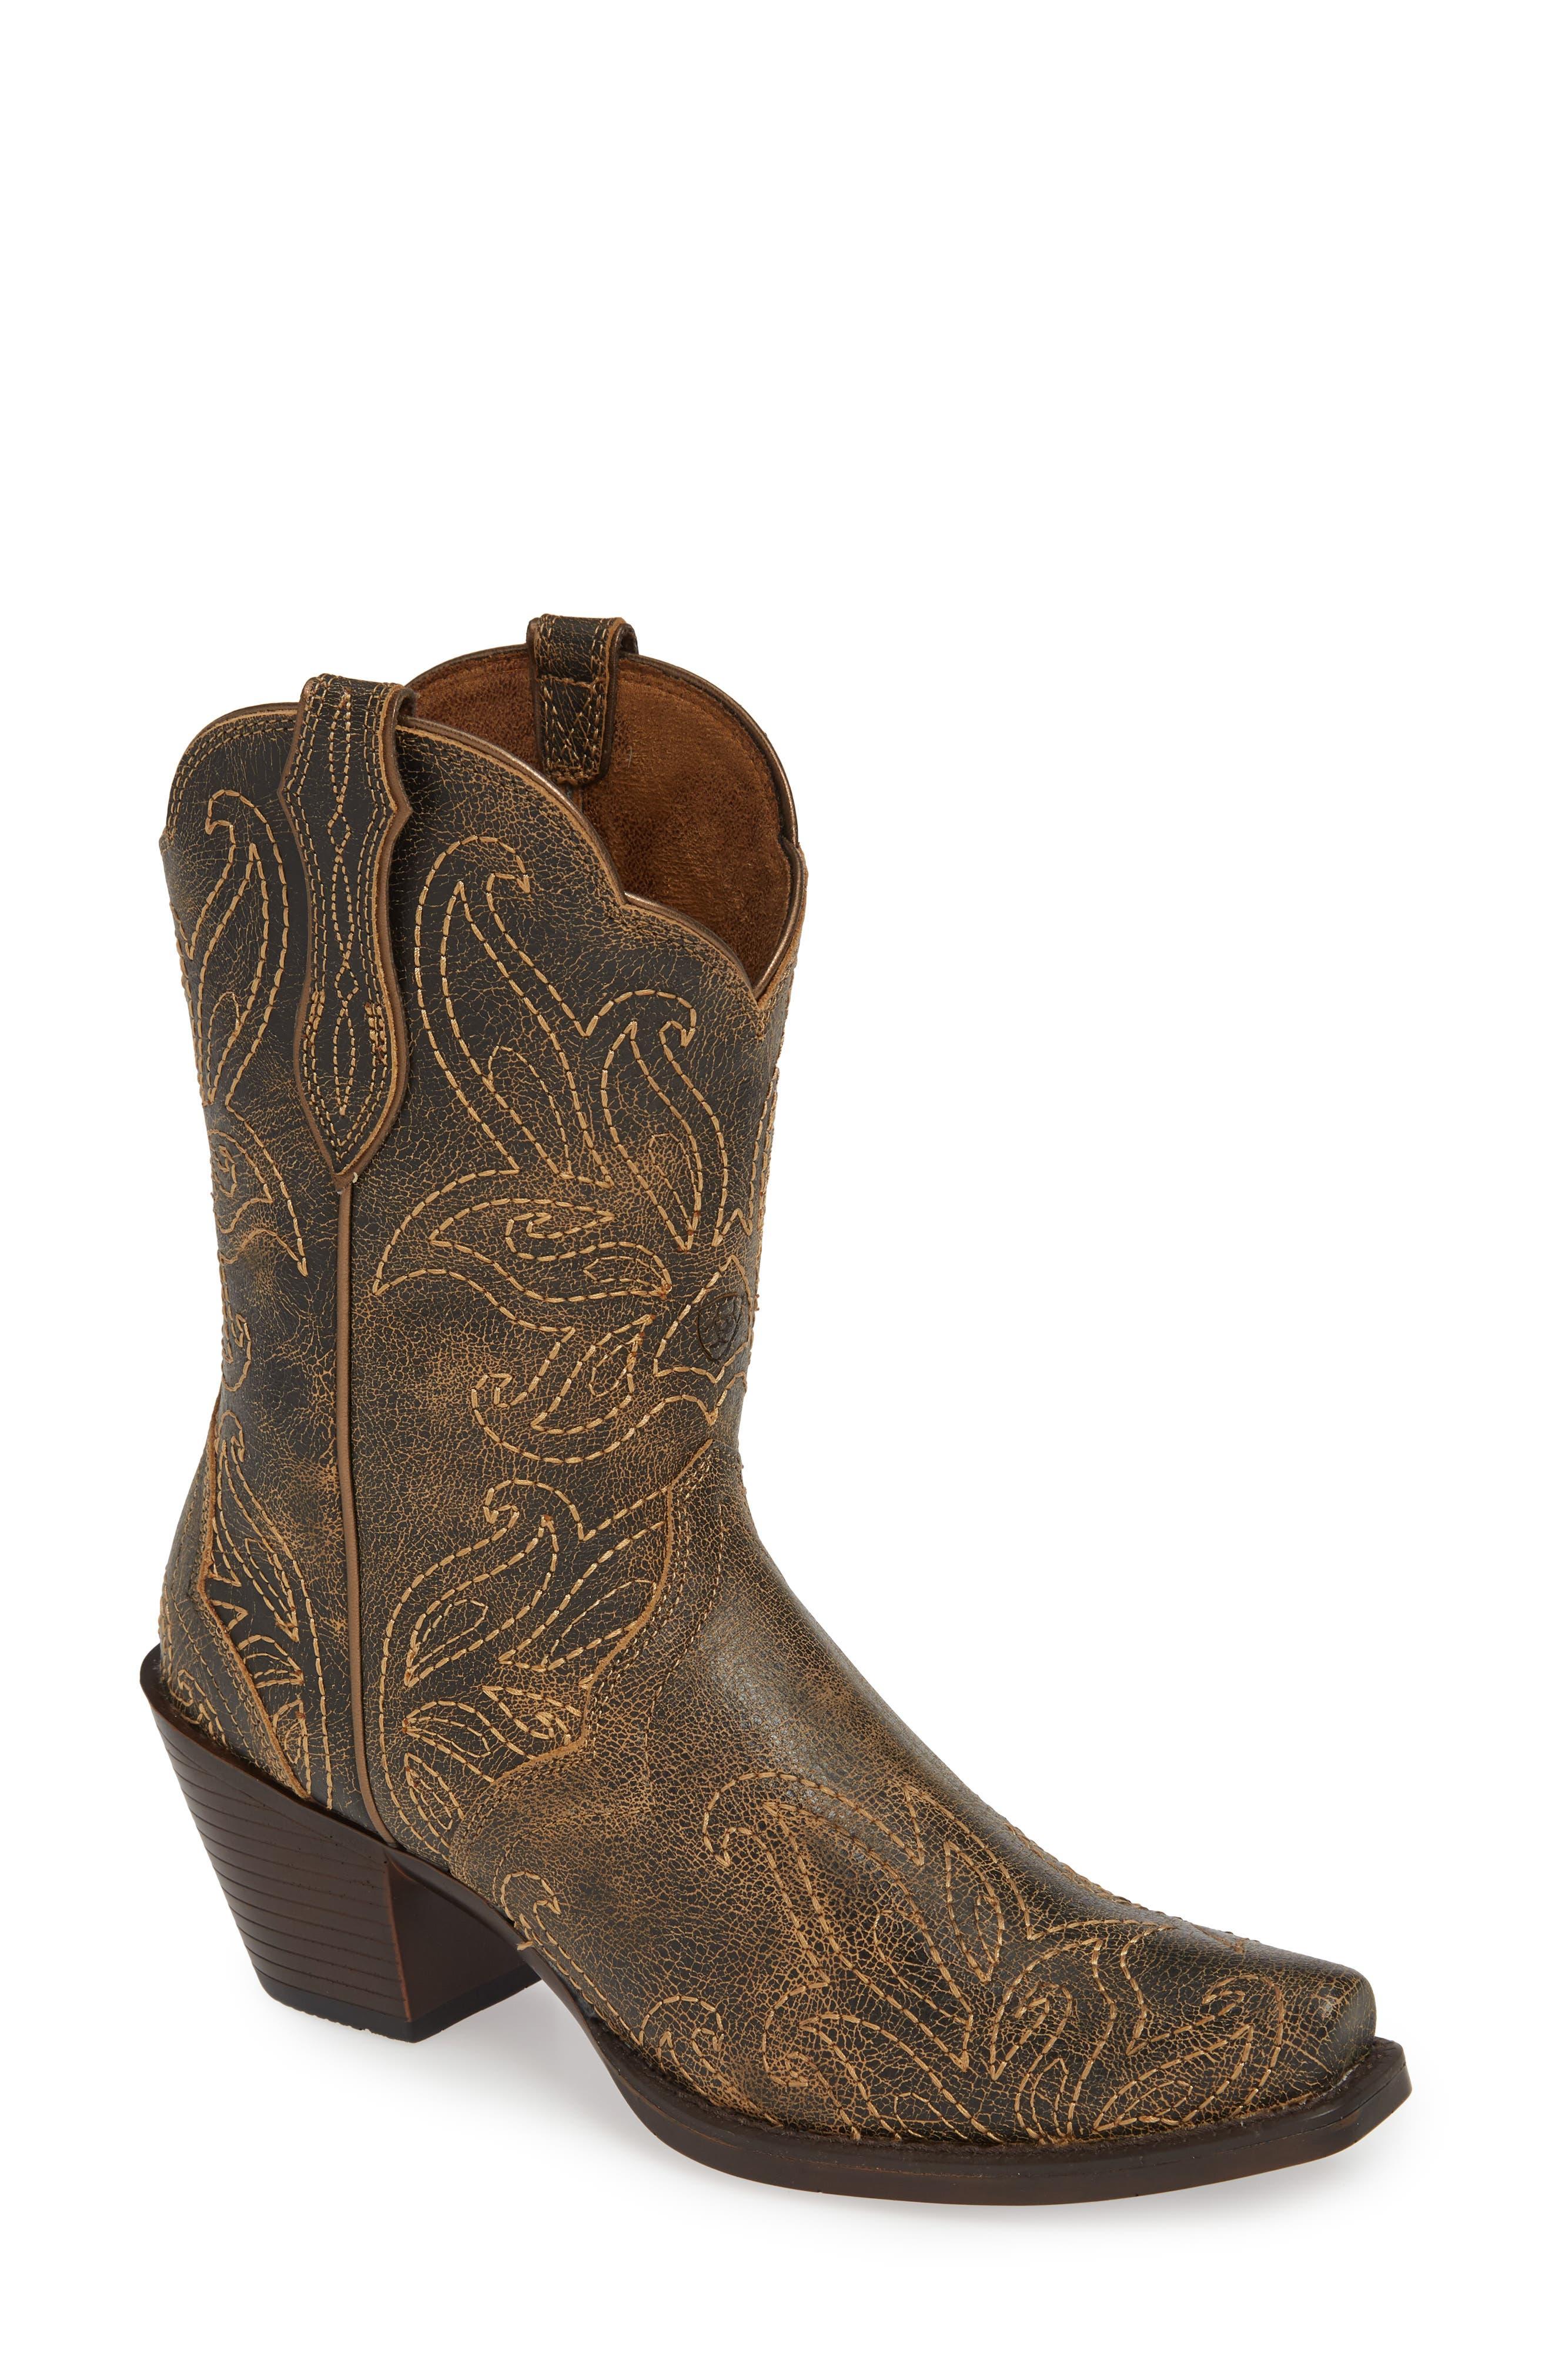 Ariat Bellatrix Western Boot- Brown